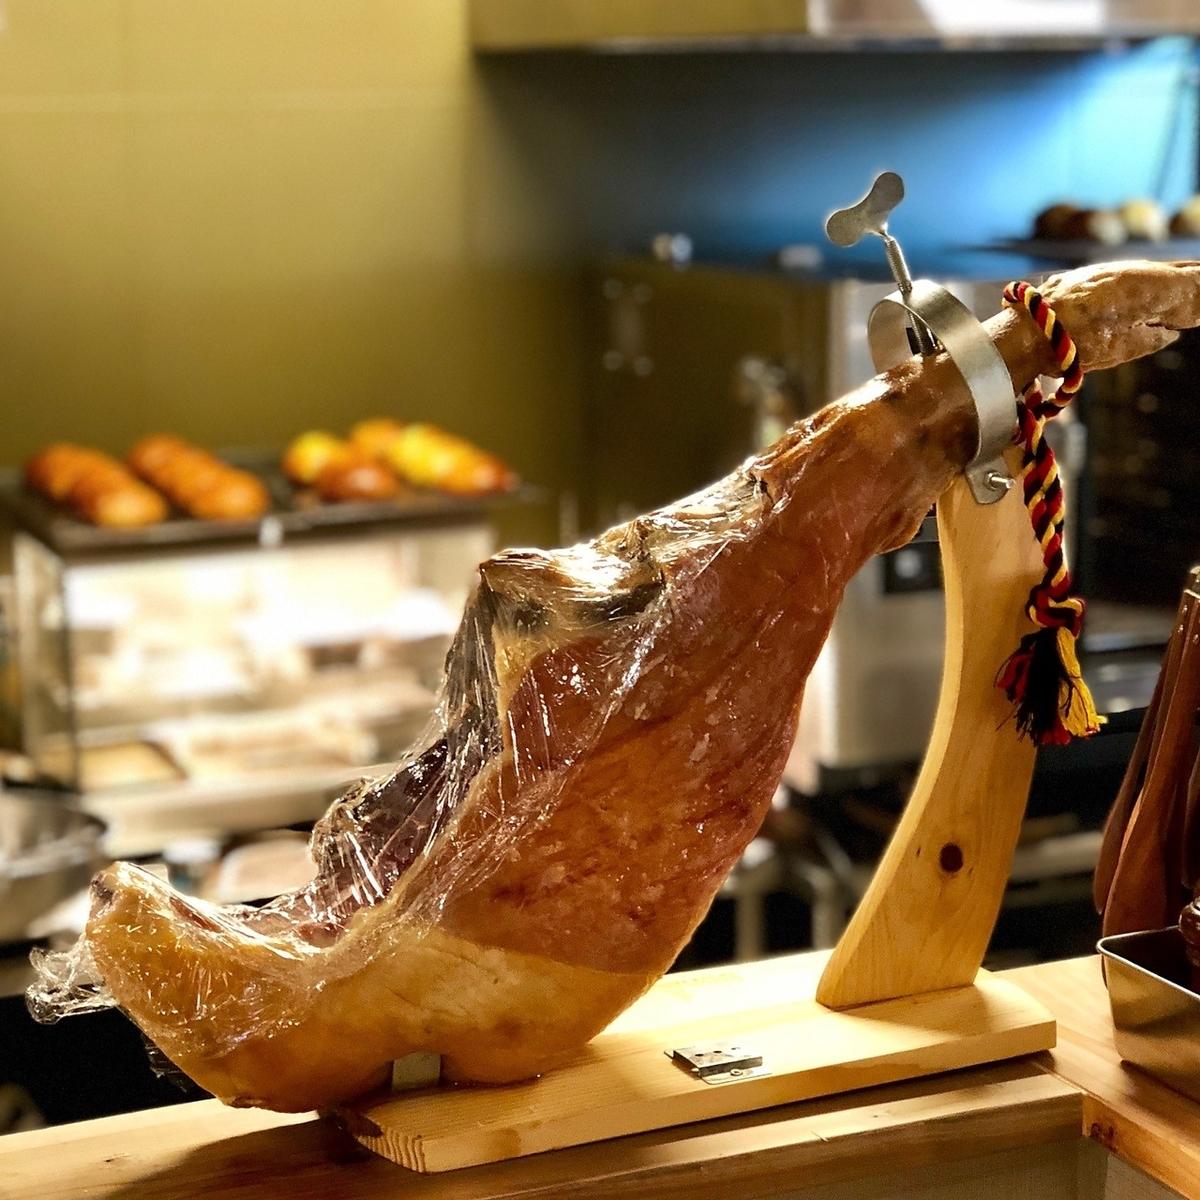 お肉、お魚、お野菜、全て厳選したものをご提供します